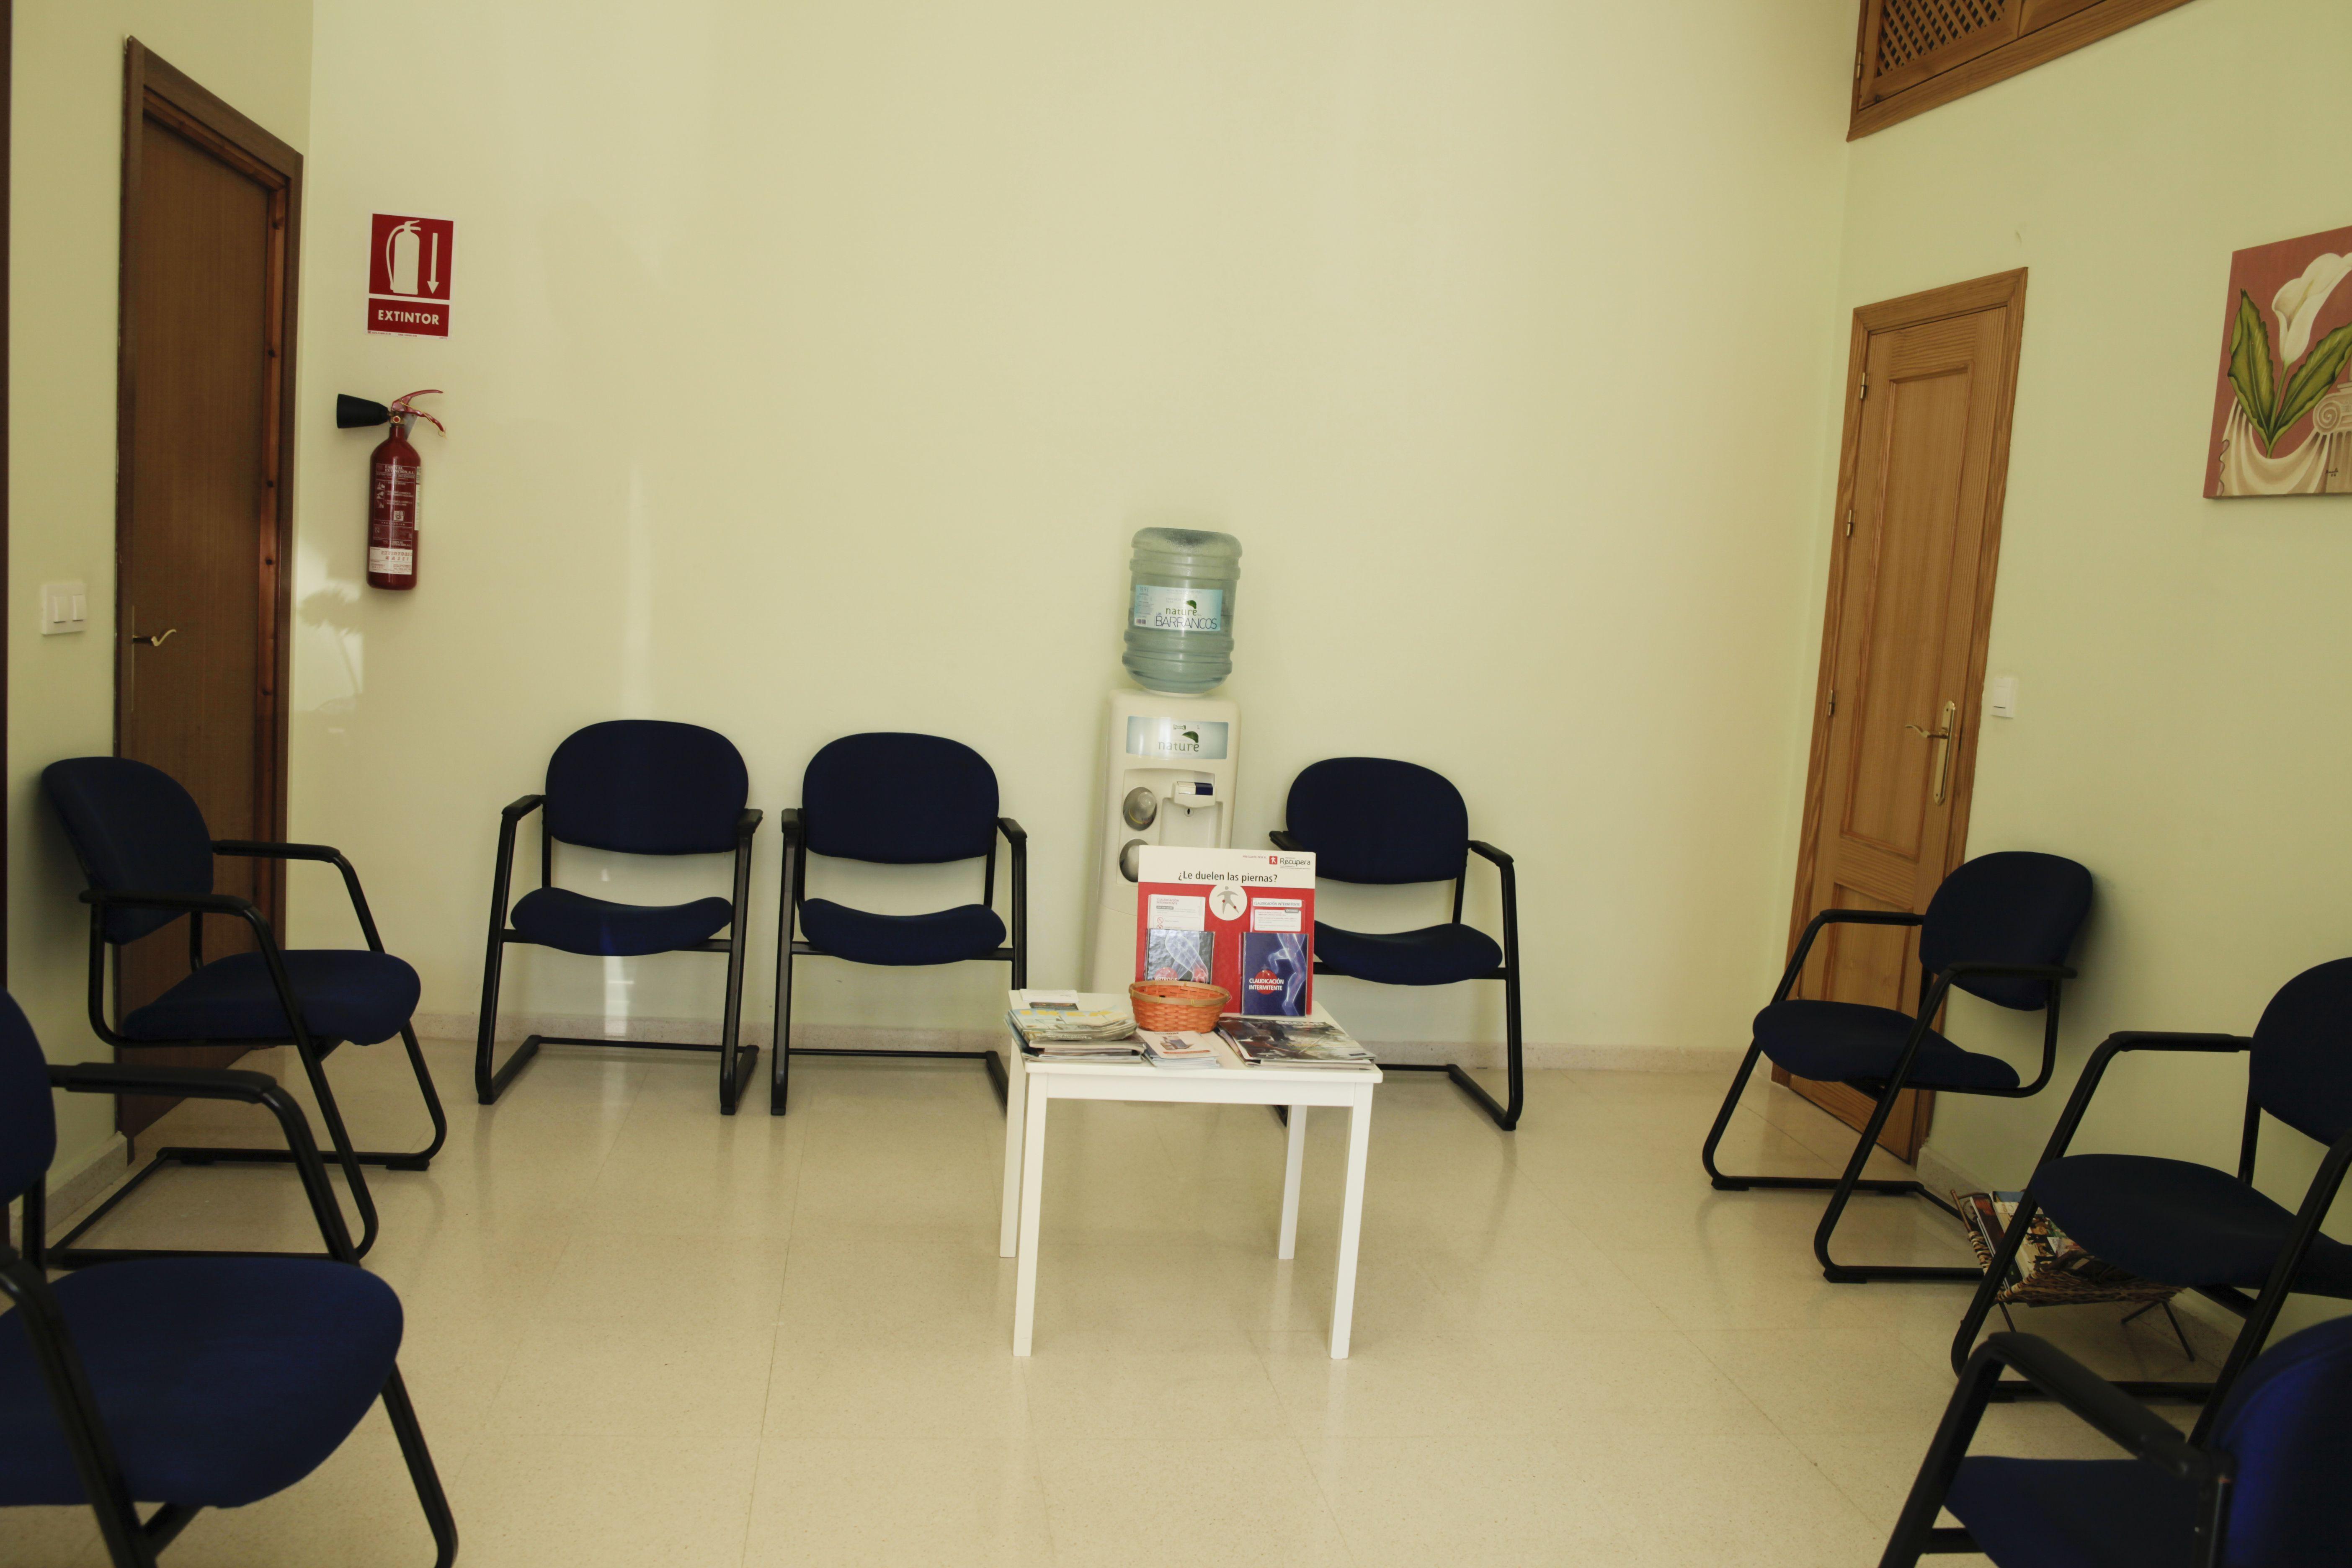 Foto 4 de Reconocimientos y certificados médicos en La Rinconada | Rincomed